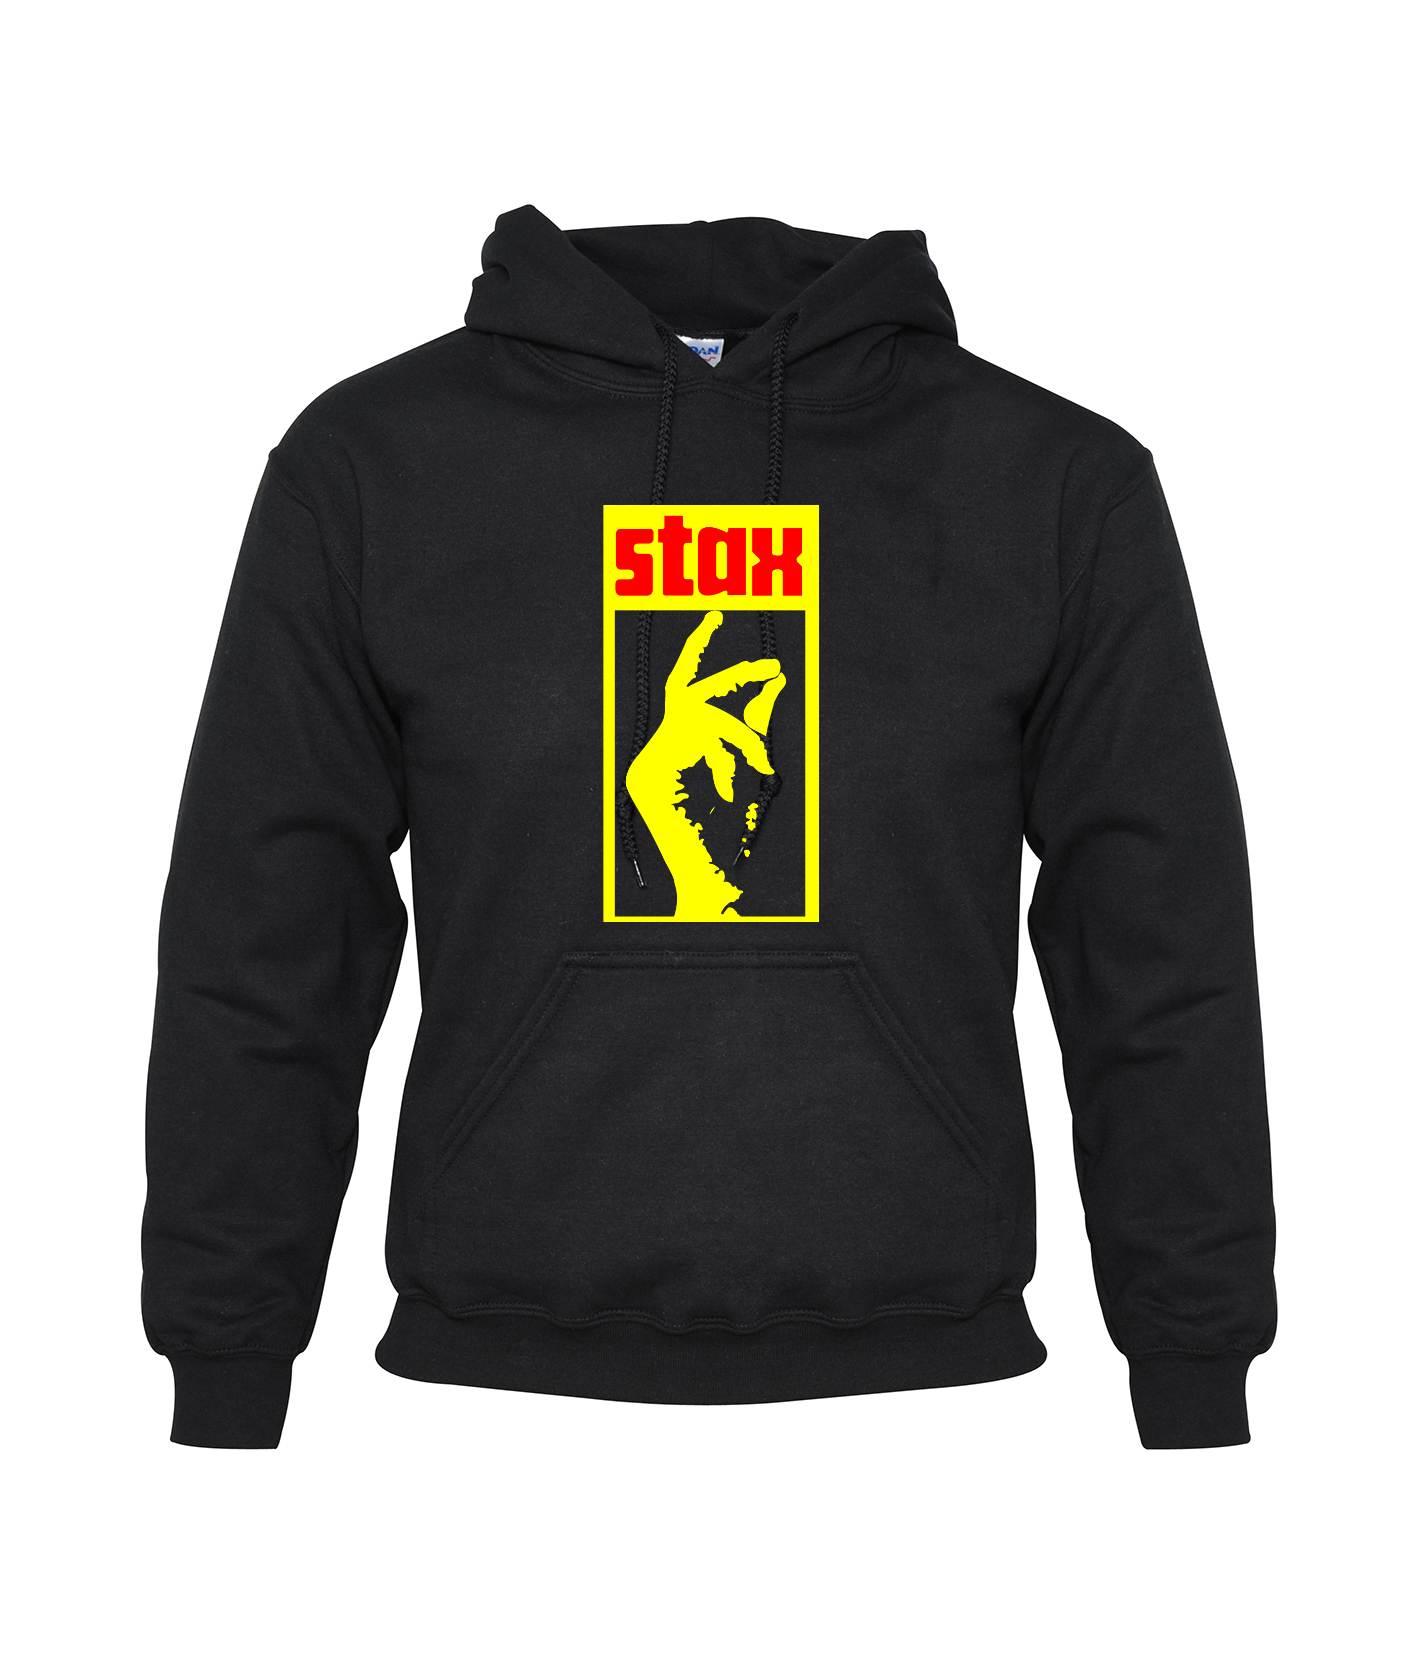 Stax Hoodie